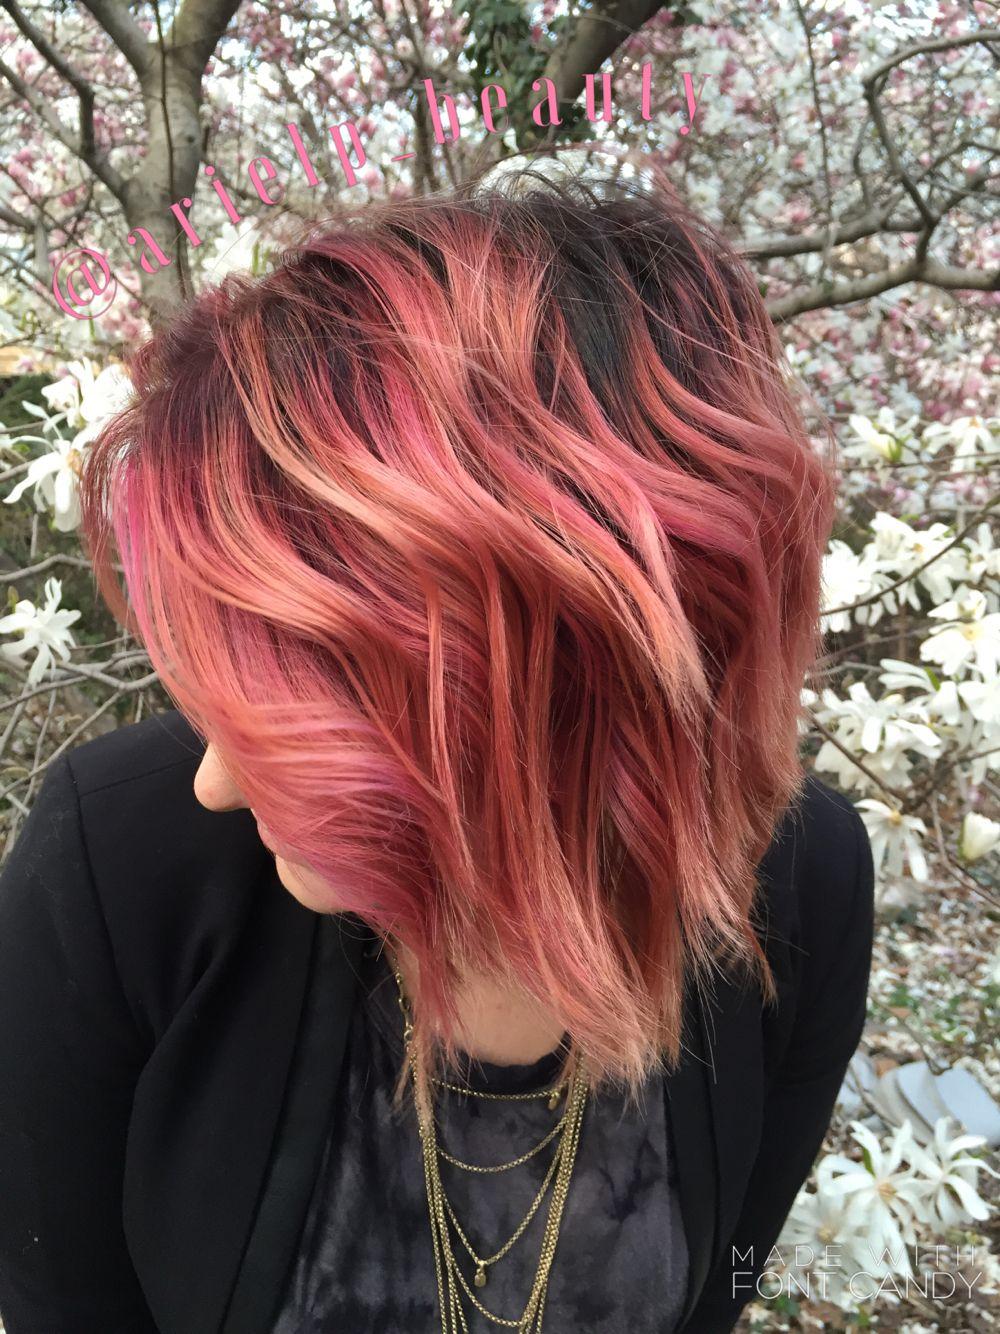 Arielpbeauty pinklormeltlayagebreadowroothairgenta